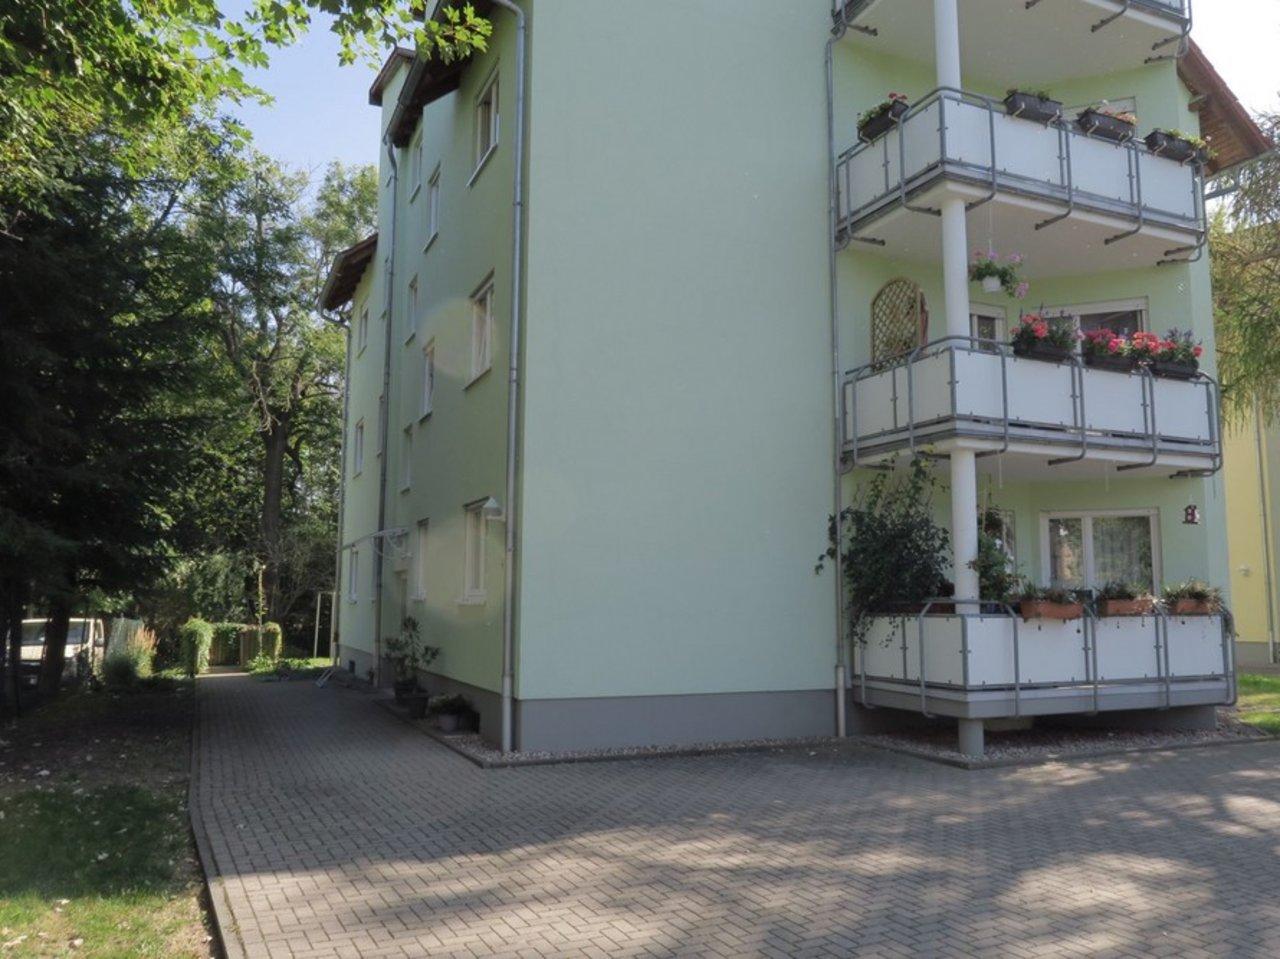 Solide Anlage! Charmante, vermietete DG-Eigentumswohnung in Arnstadt-Eingangsseite des Hauses